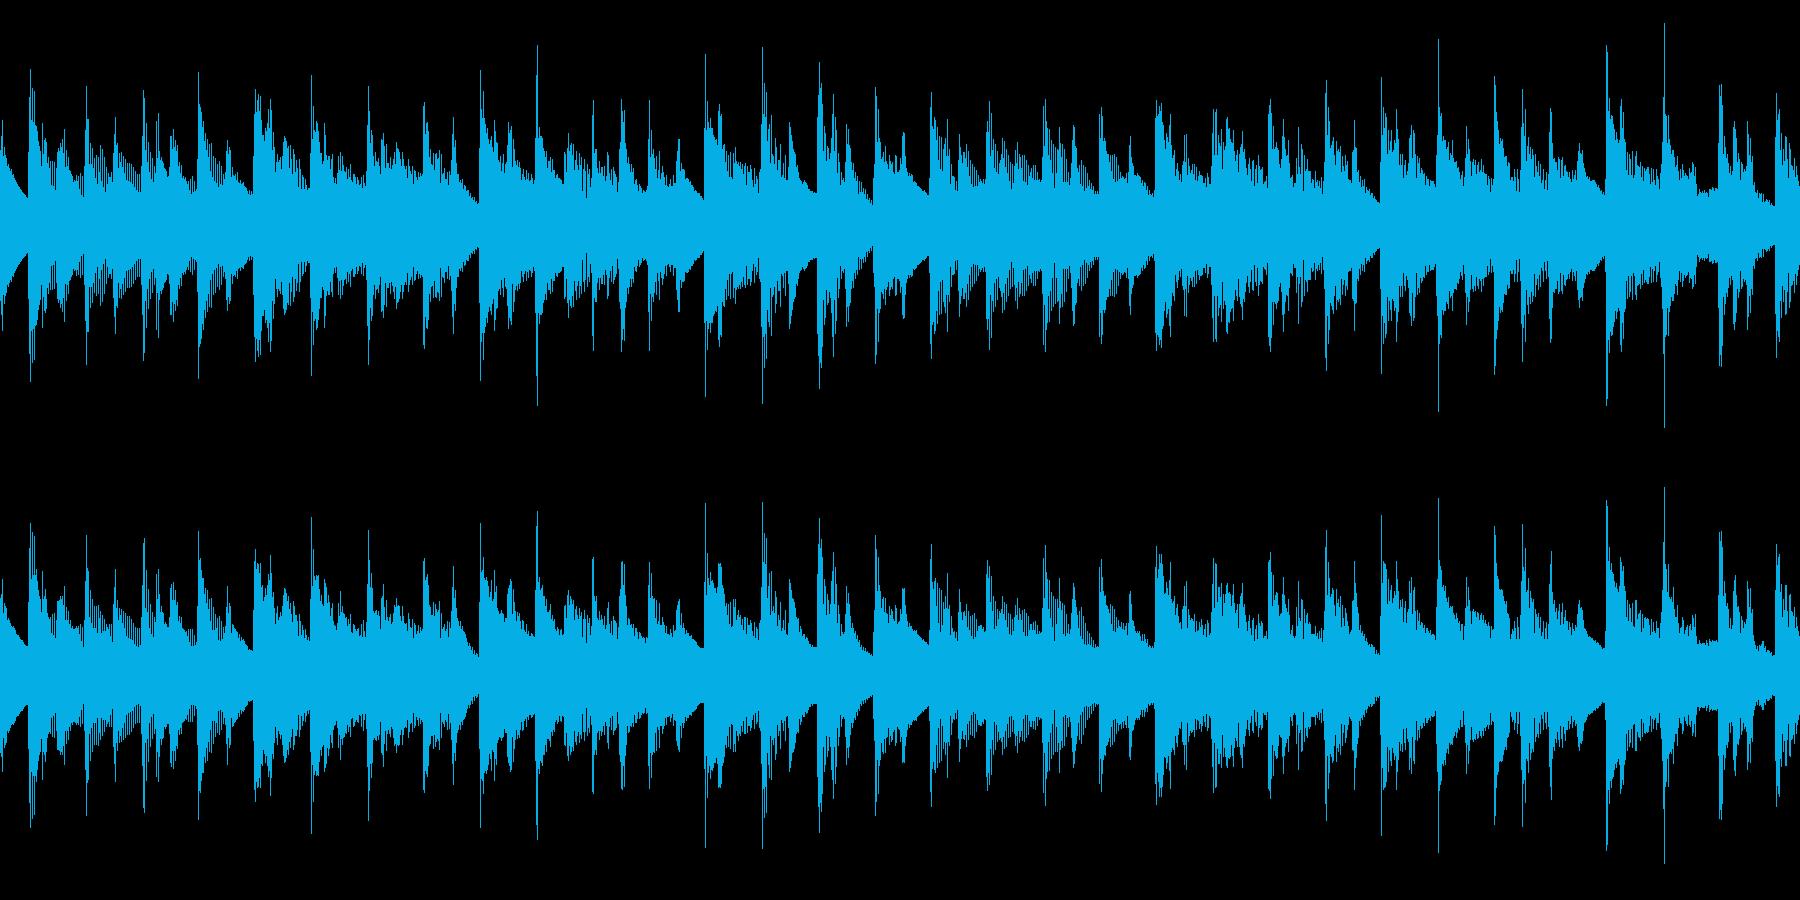 アコギの陽気な伴奏のシンプルなループ曲の再生済みの波形